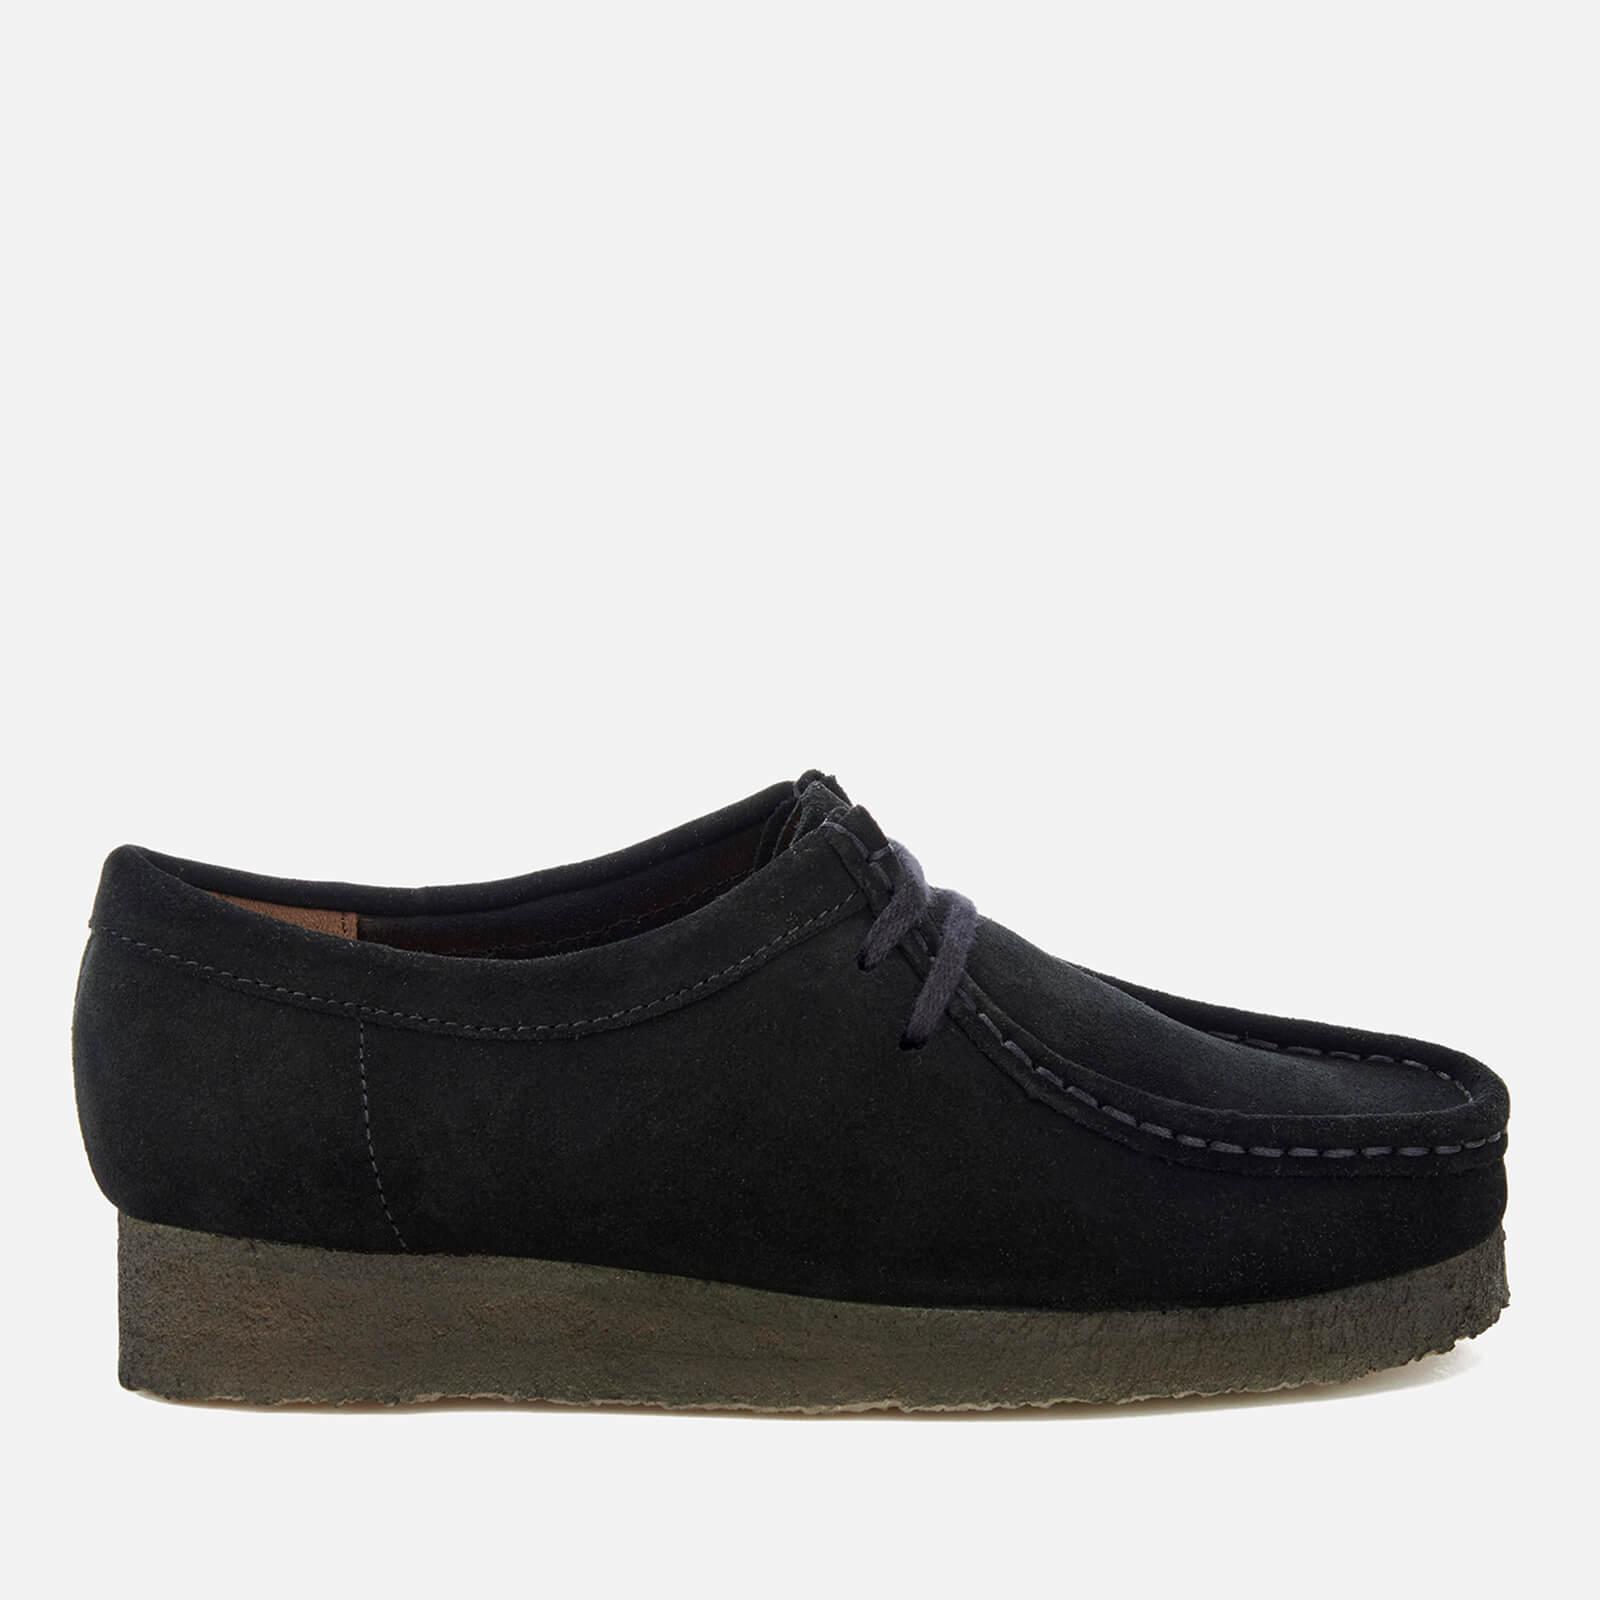 Clarks Originals Women's Wallabee Shoes - Black Suede - UK 5